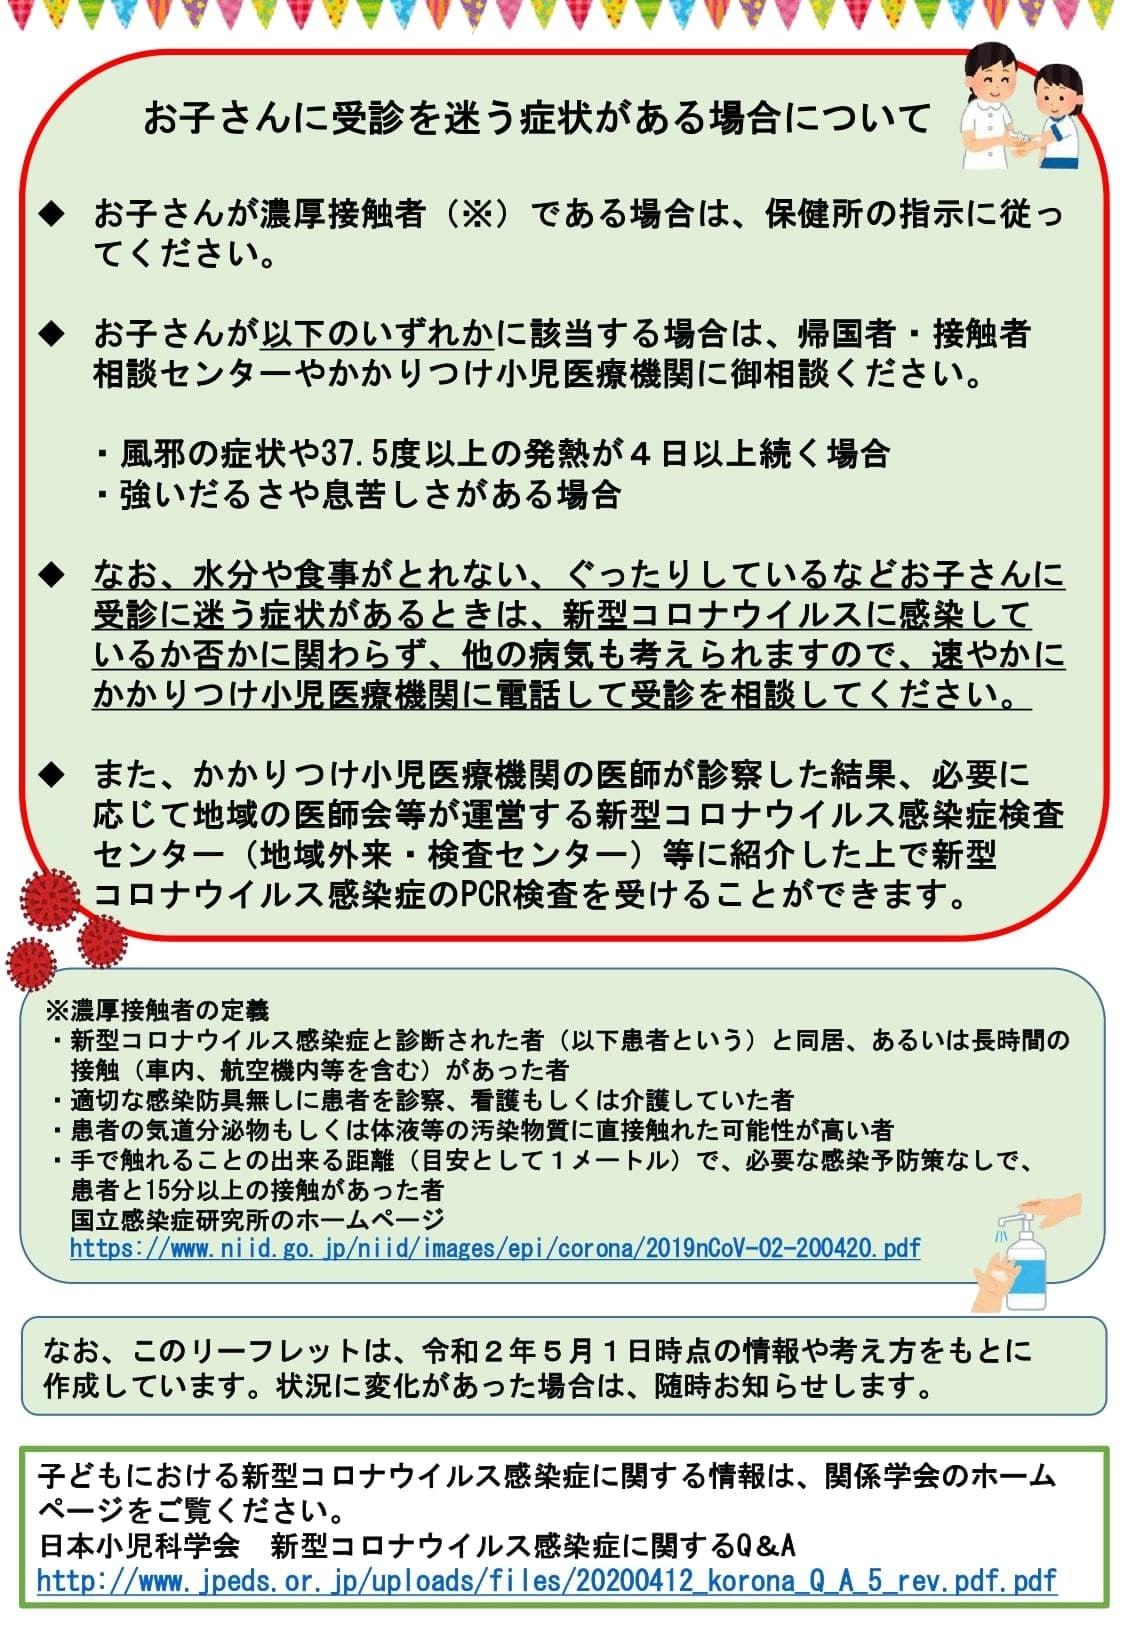 松江 市 コロナ 情報